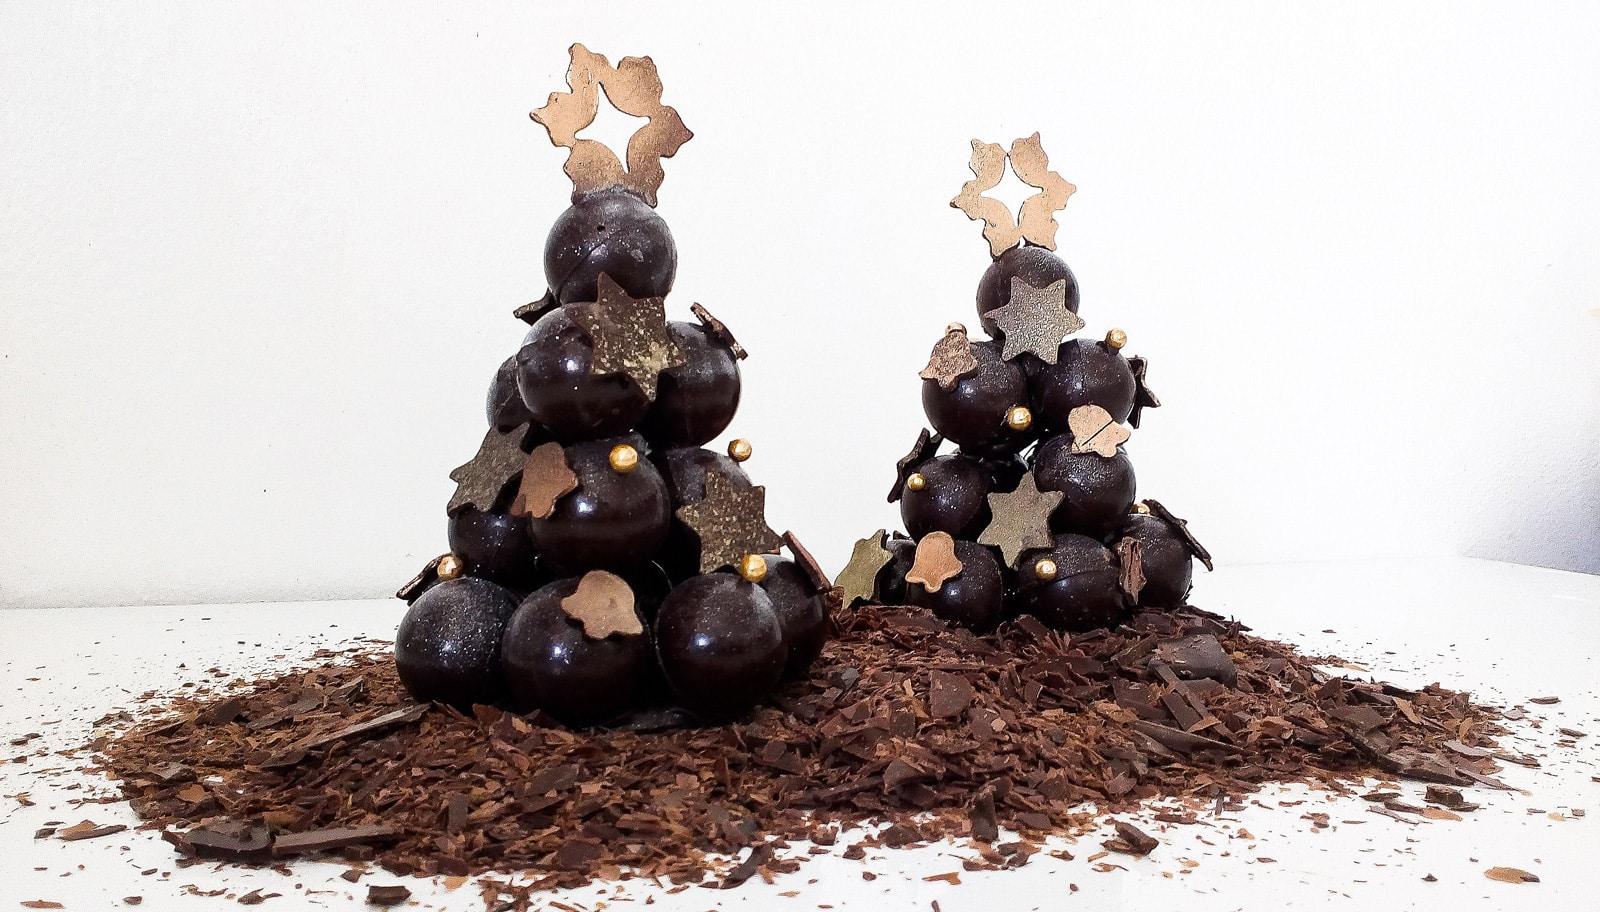 Vánoce, Vánoční čokoládové figurky